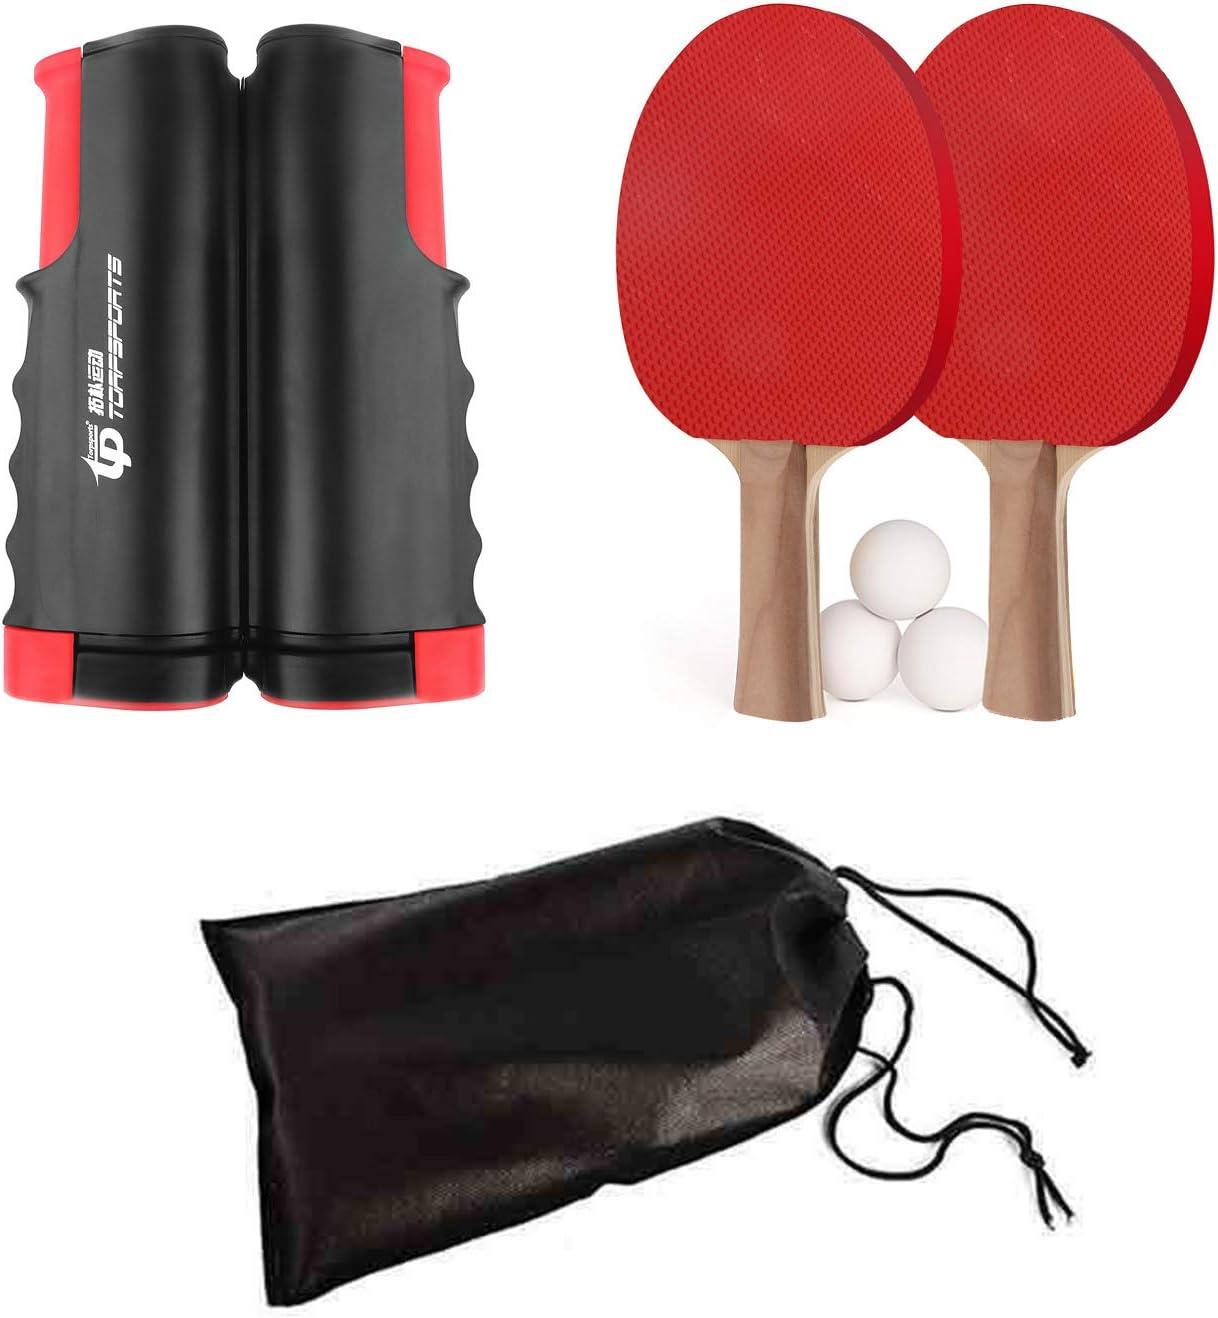 FOOING Sets de Ping Pong, 1 Red de Tenis de Mesa, 2 Palas de Ping Pong, 3 Pelotas de Ping Pong con Bolsa, Portátil para el Juego Interior al Aire Libre